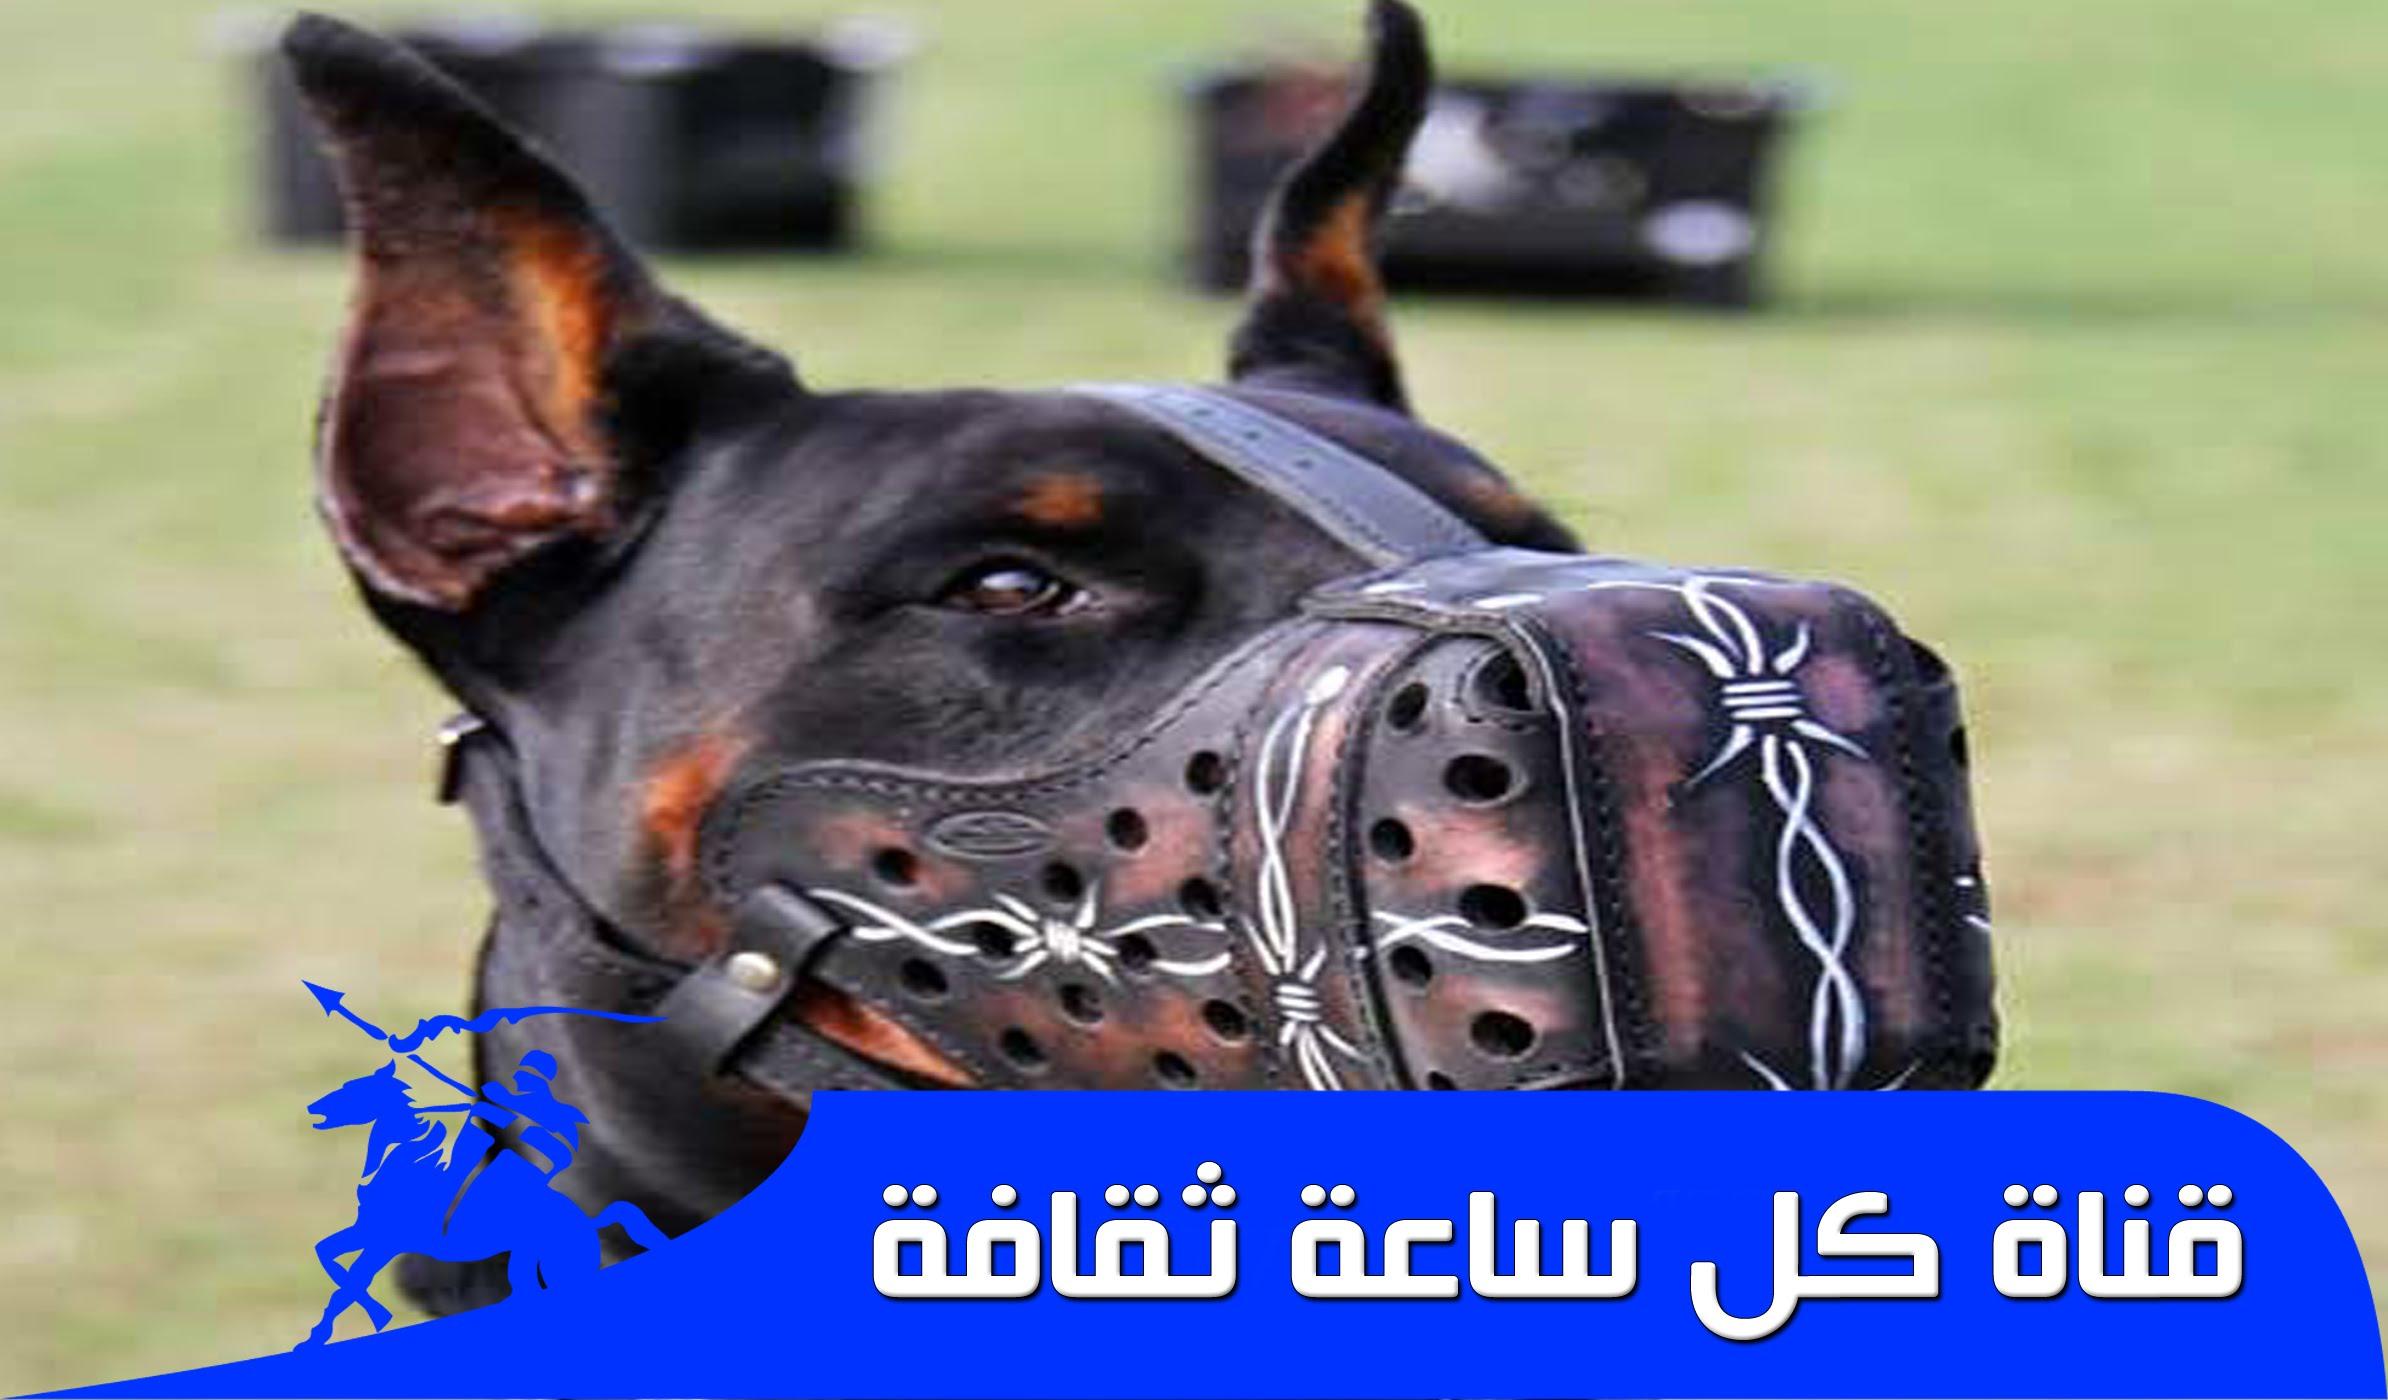 صورة اخطر انواع الكلاب , صور اخطر انواع الكلاب